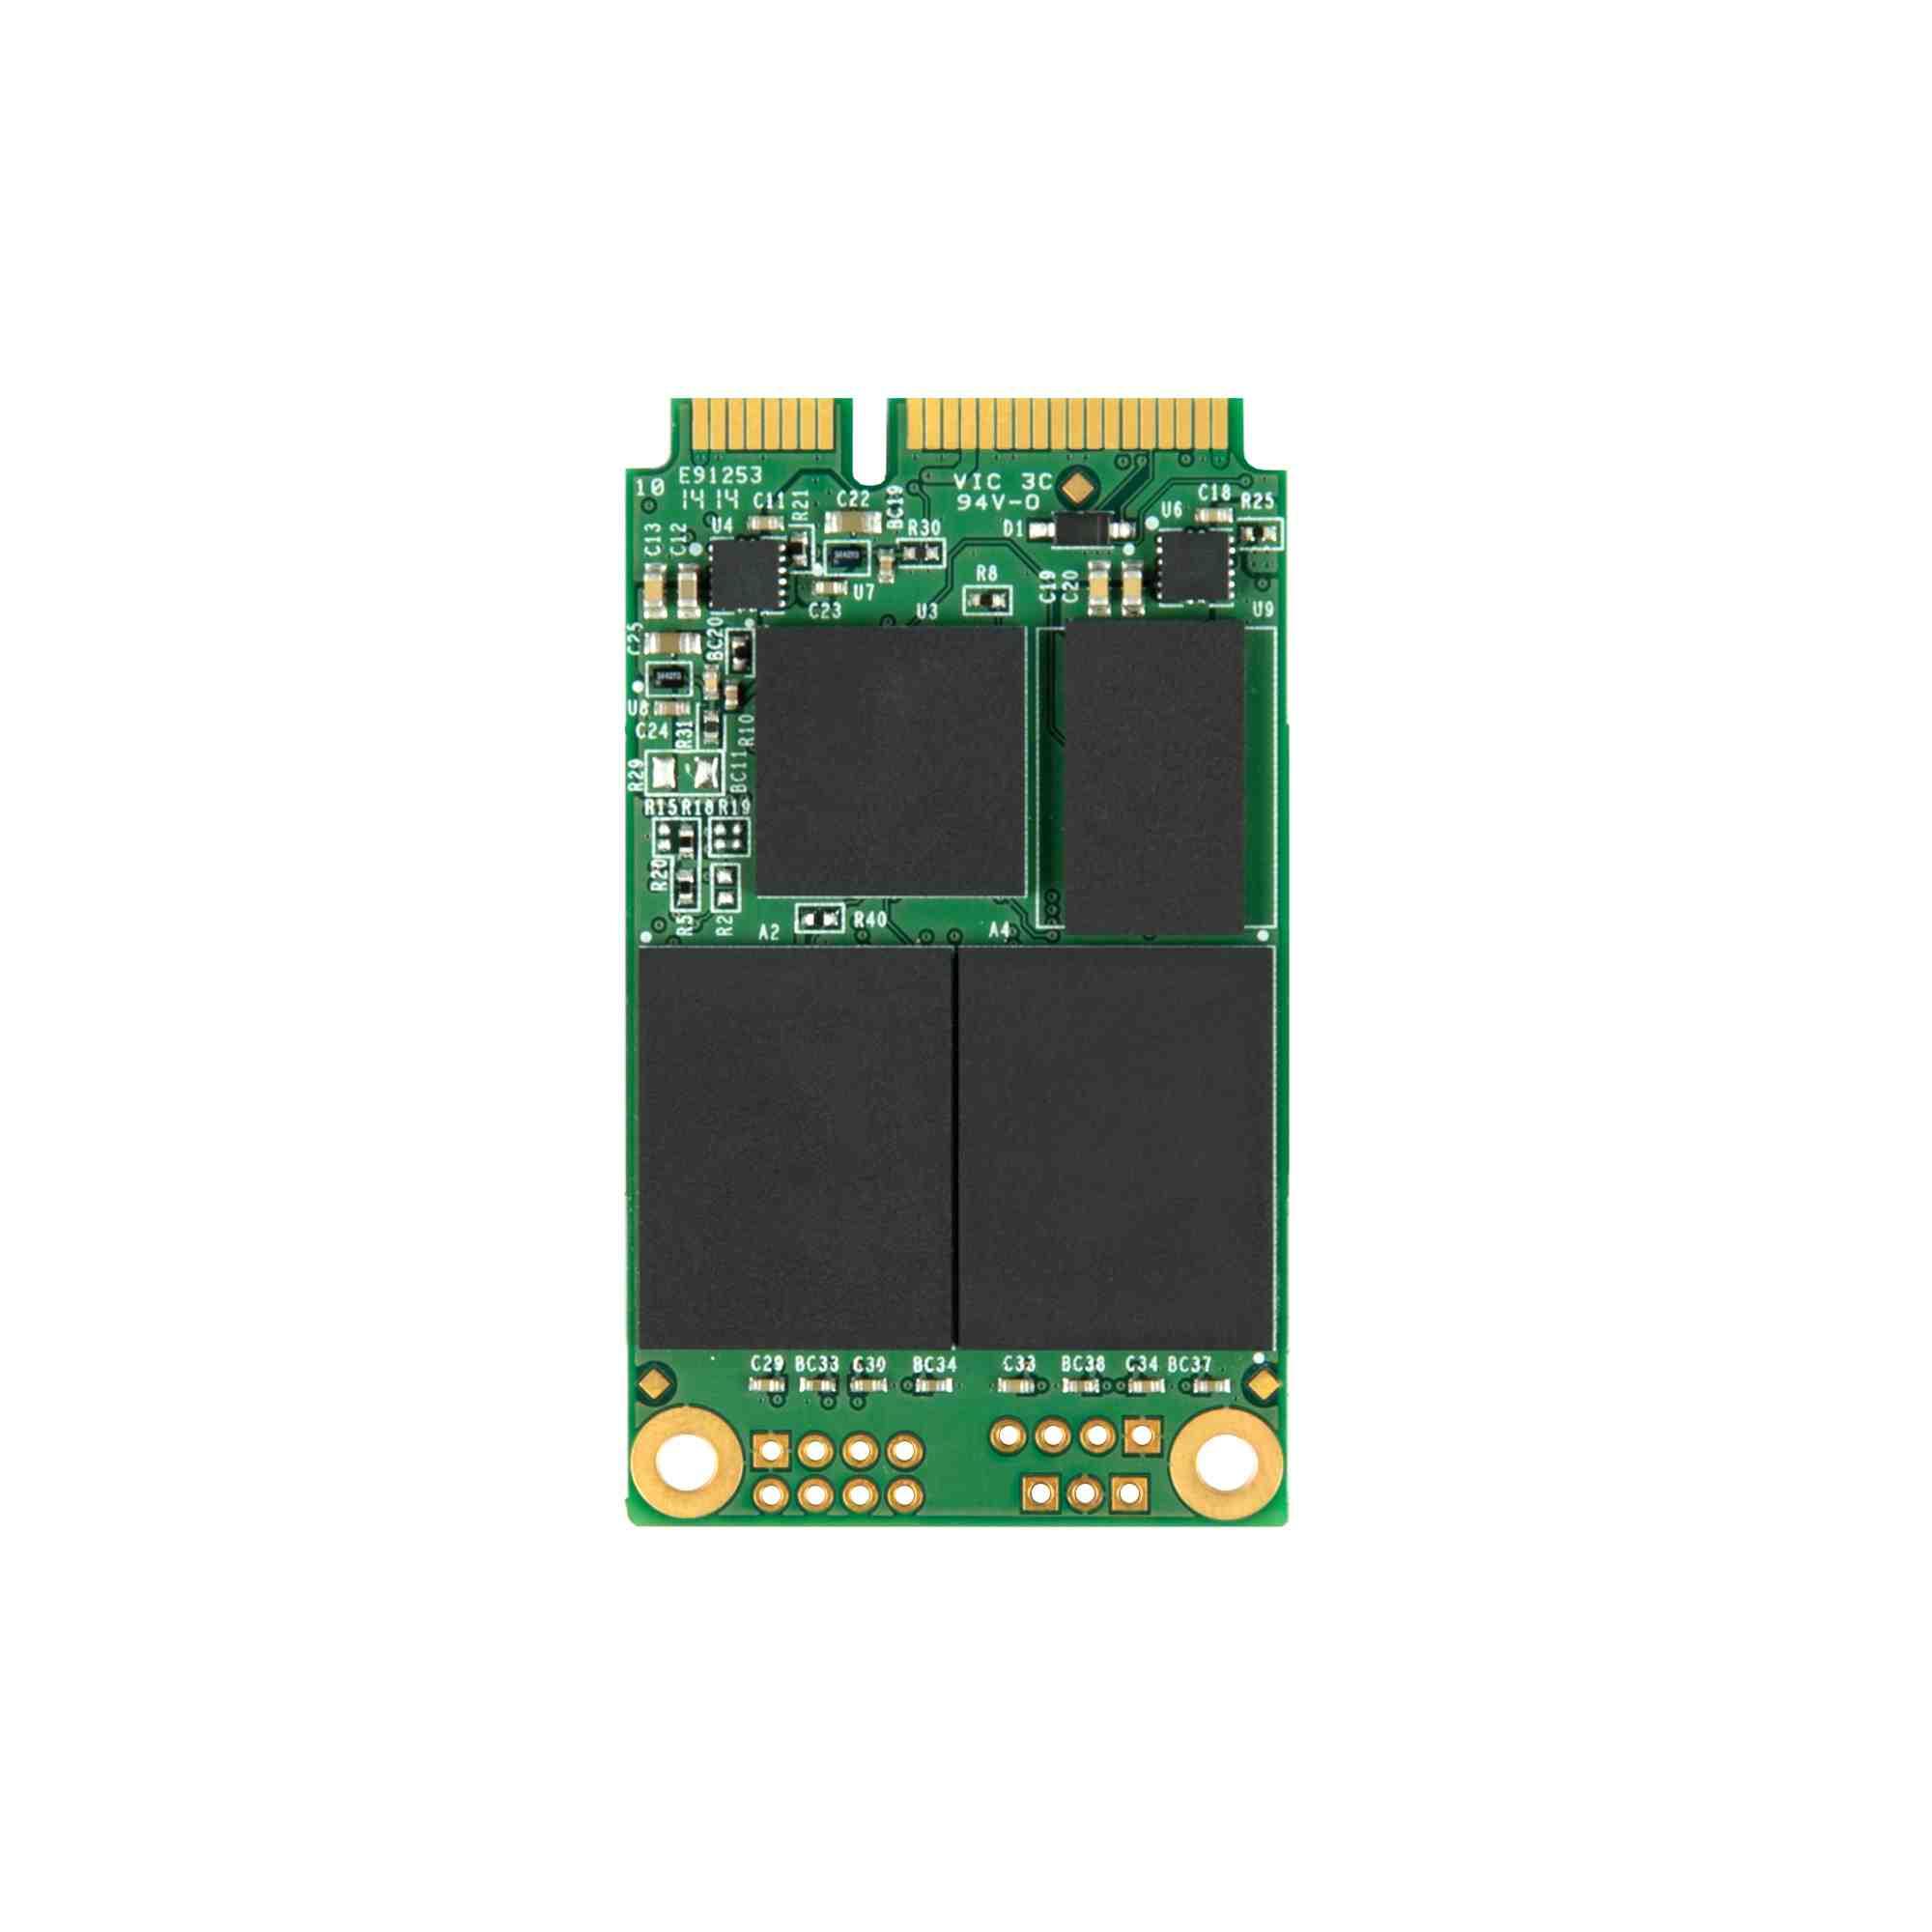 TRANSCEND Industrial SSD MSA370I, 32GB, SATA III 6G mSATA, MLC